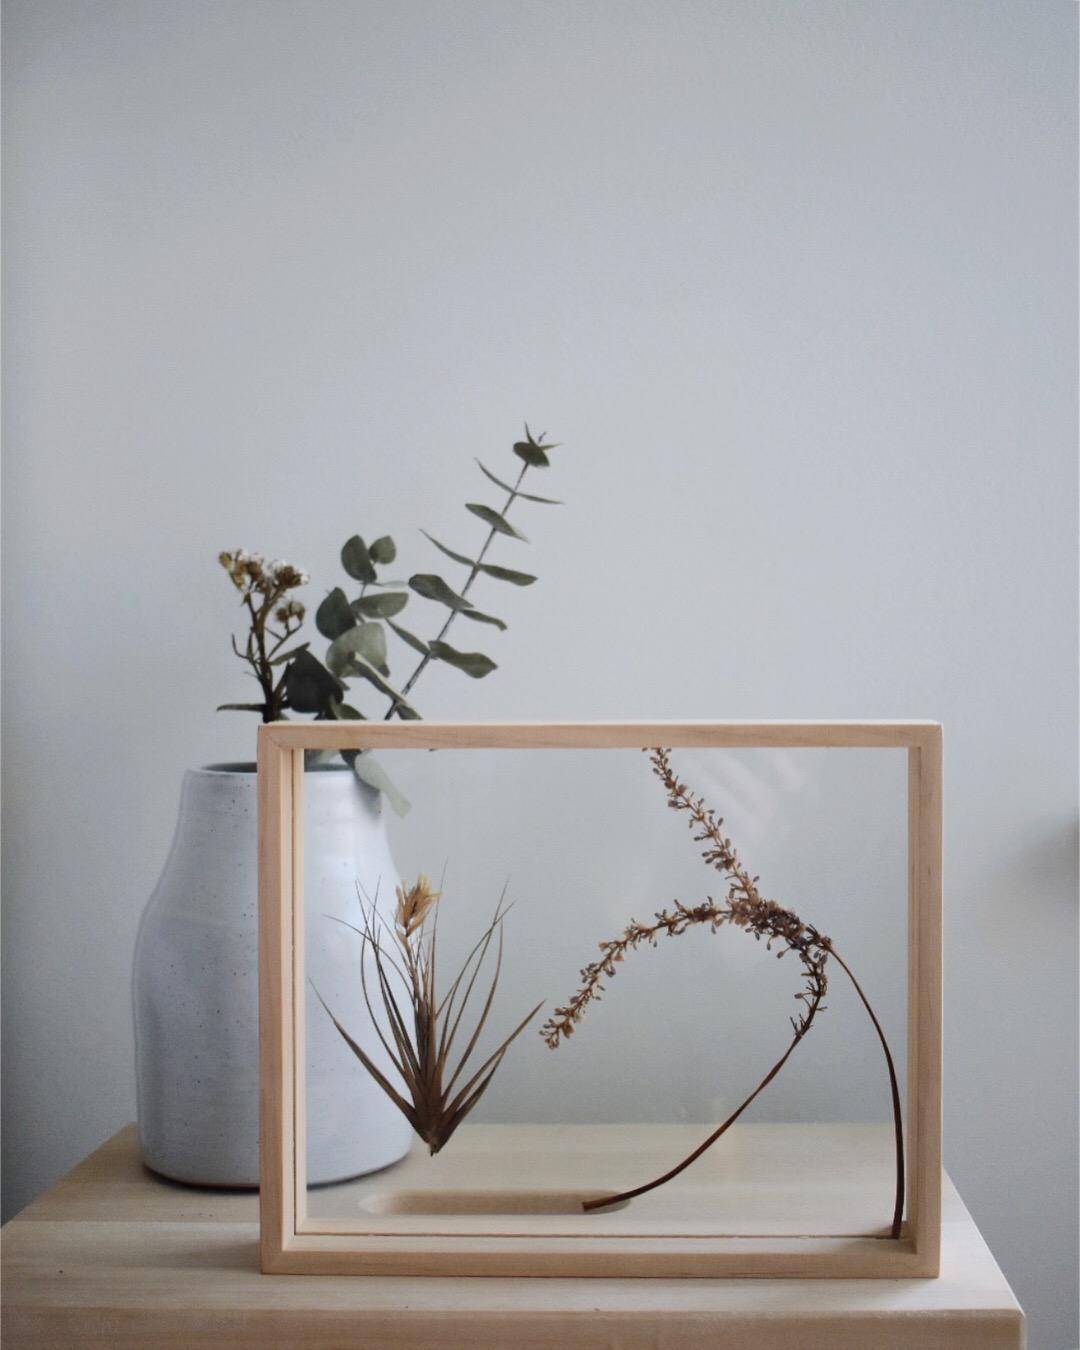 Wooden frame, native design